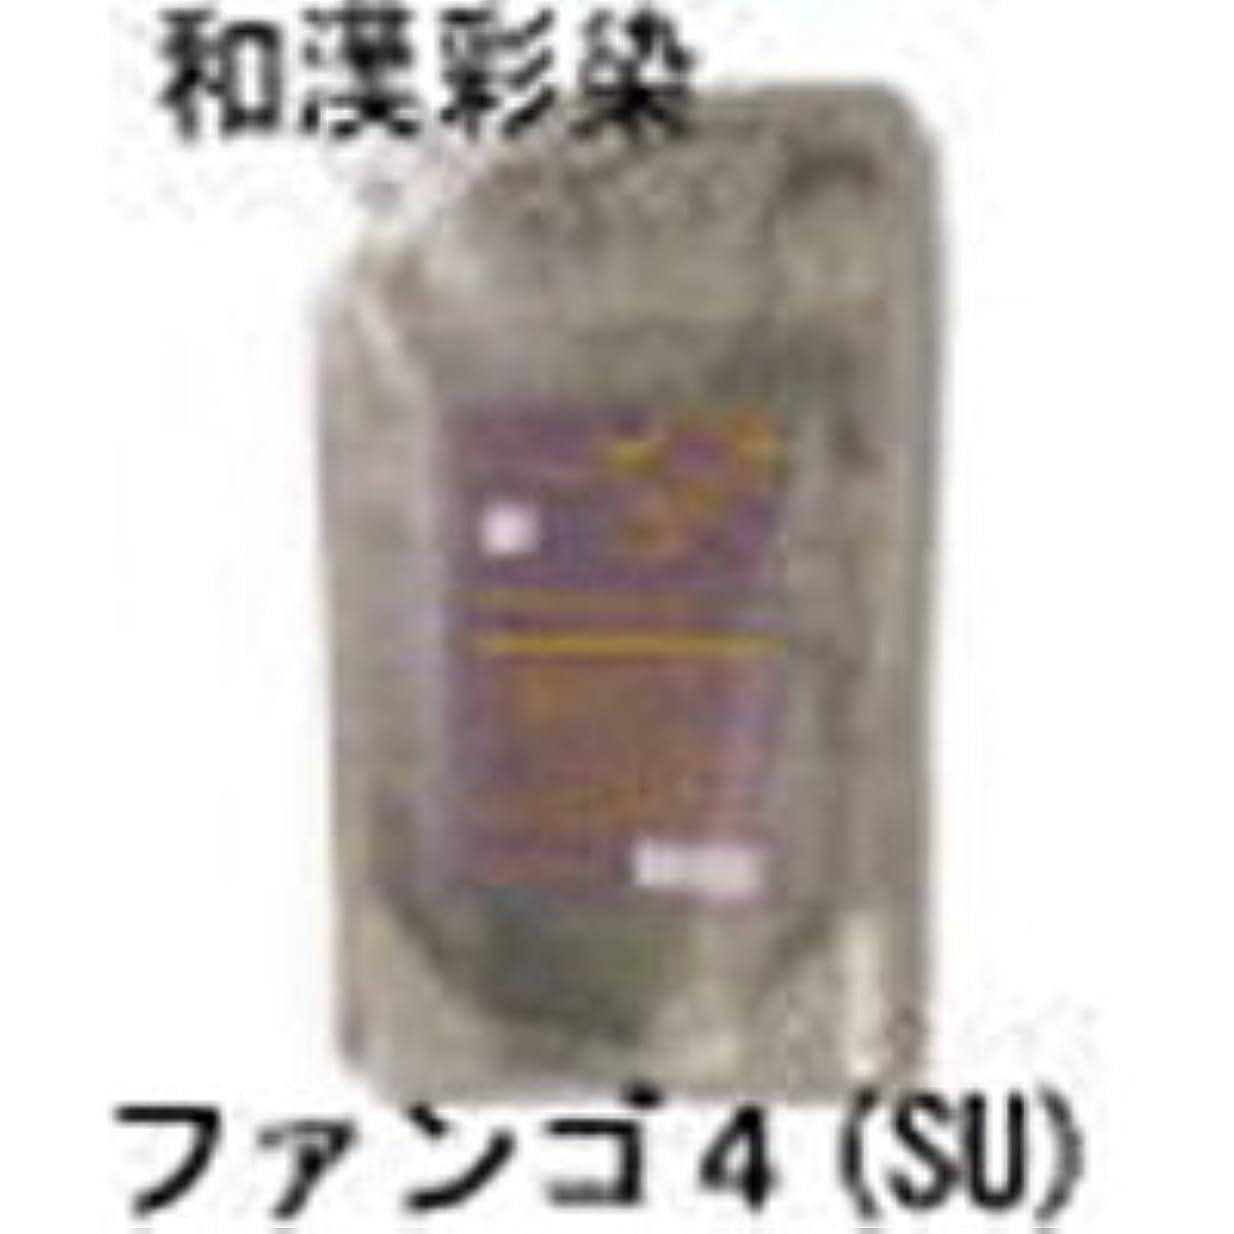 不十分な出費動揺させるグランデックス アルティゾラ APT 和漢彩染 ファンゴ4 スーパーボリュームアップ SU 800g